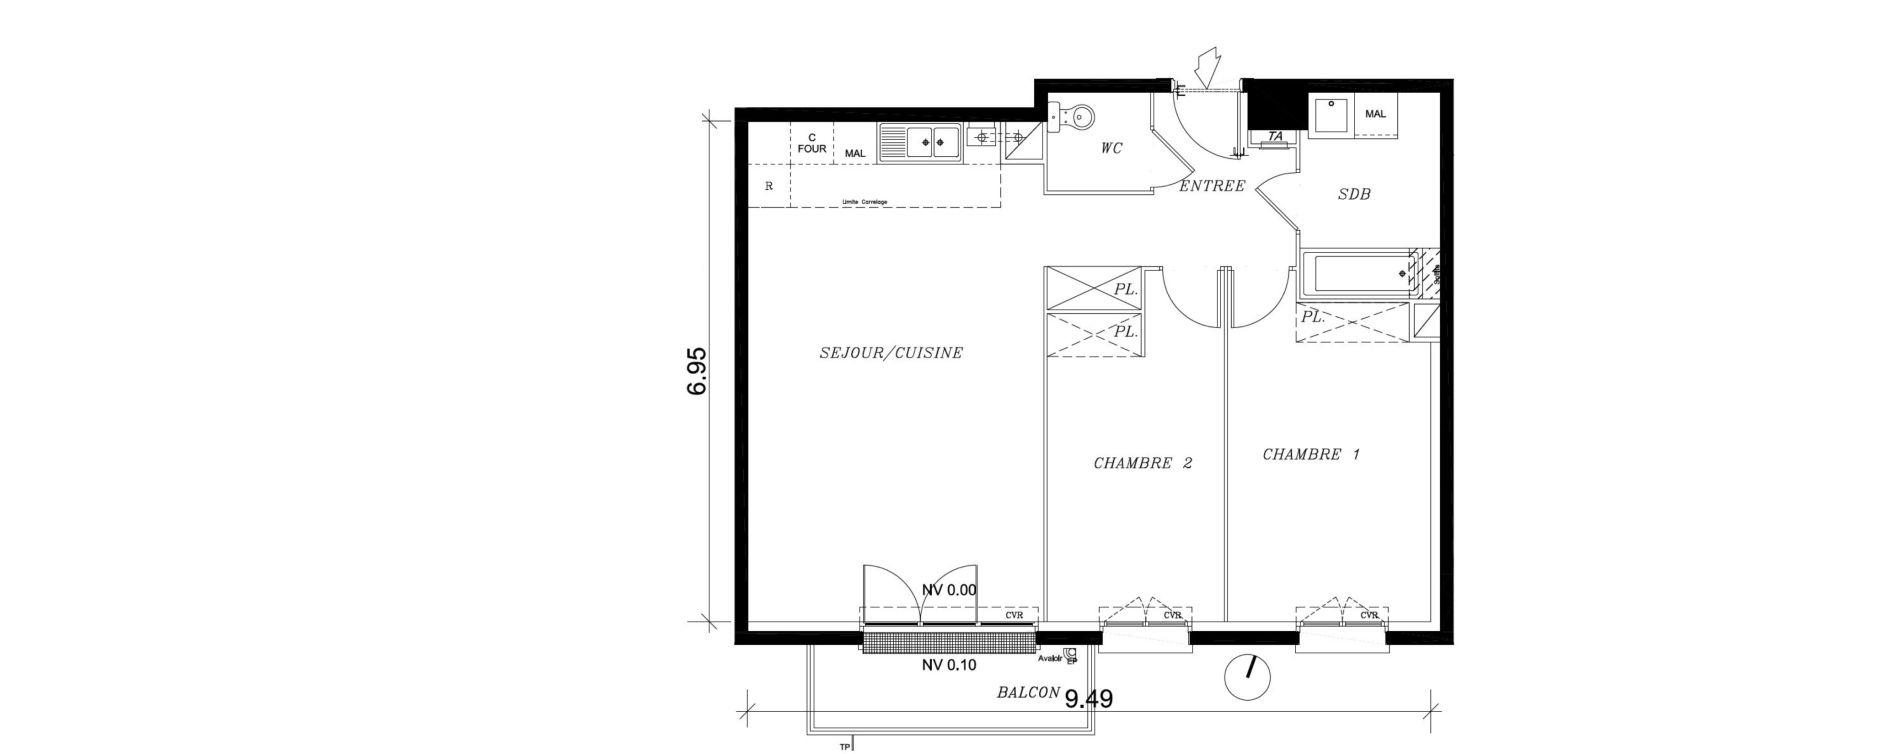 Appartement T3 de 66,14 m2 à Nancy Marcel brot